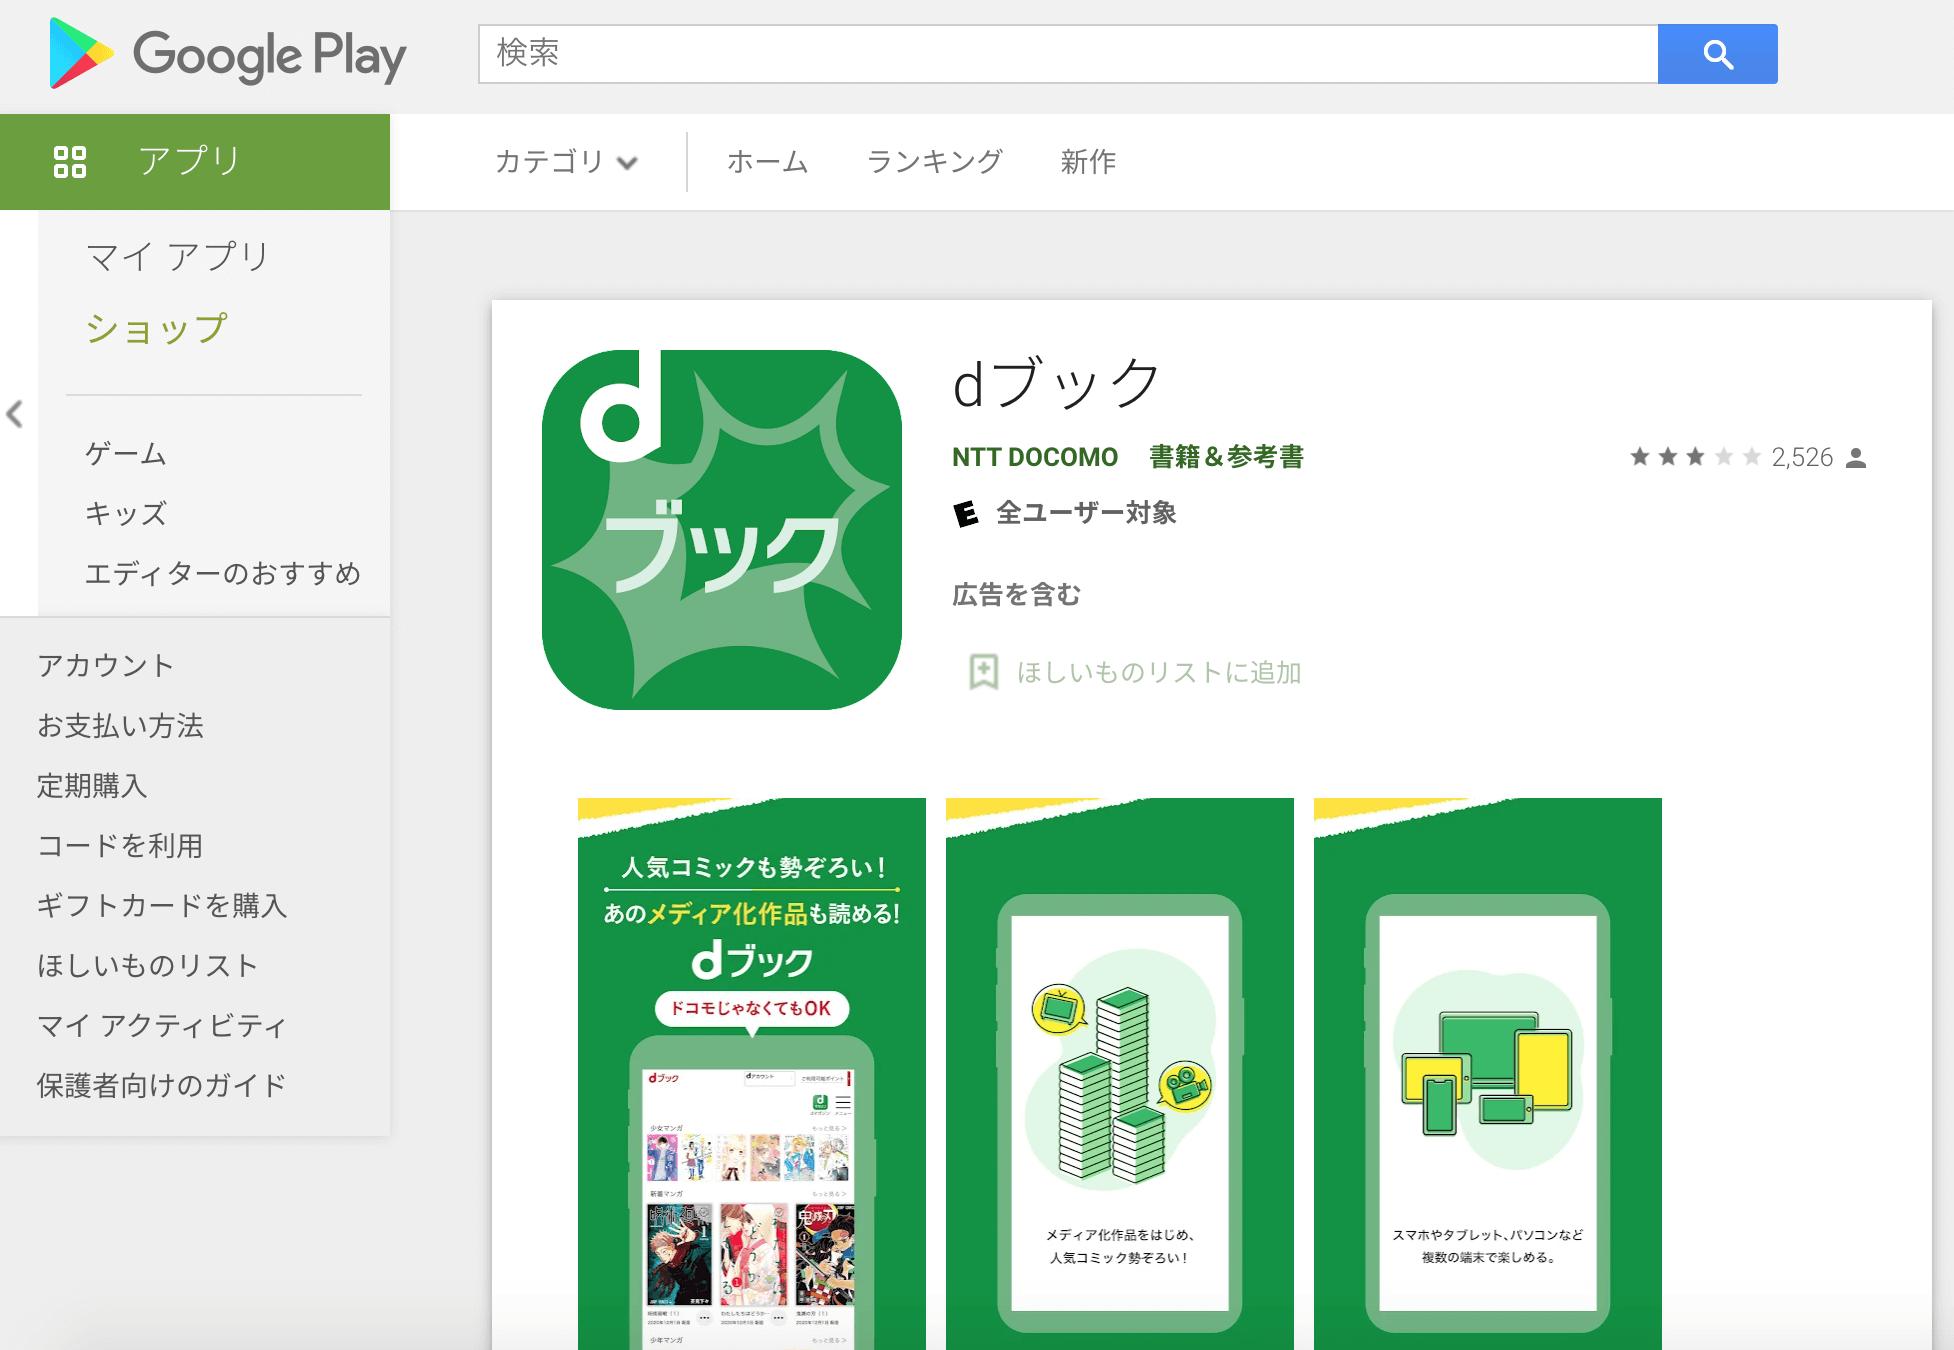 dブックのアプリは使いやすい?評判をチェック